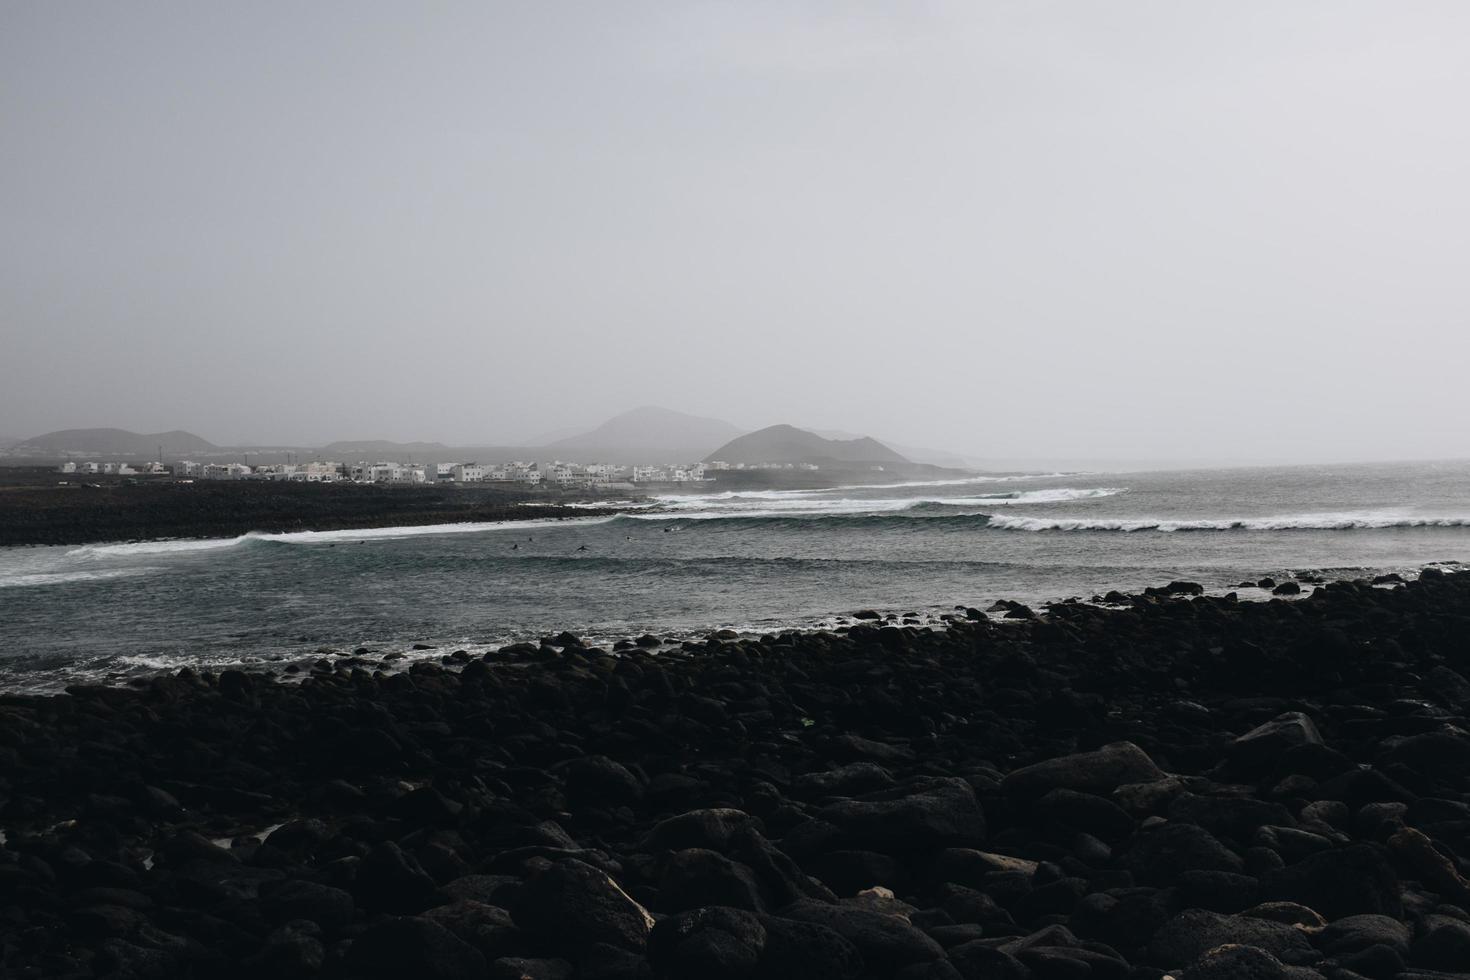 océan et montagnes photo